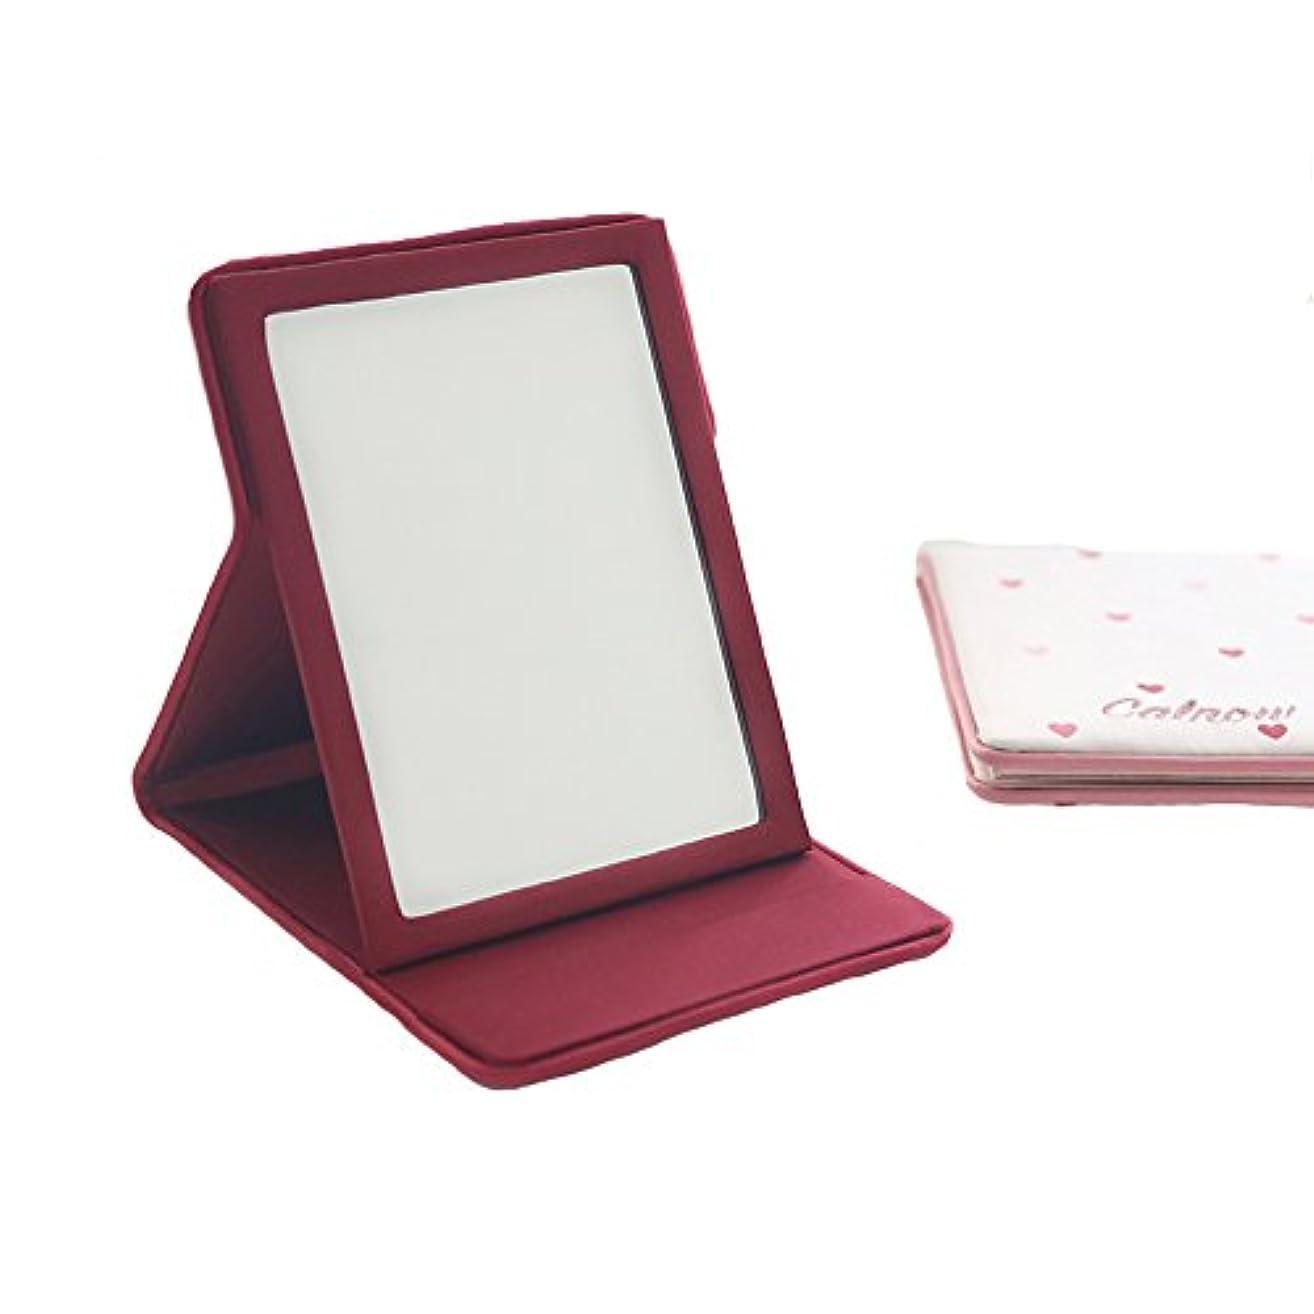 作家荒廃する苦いMYOMYO化粧鏡 卓上ミラー 卓上スタンドミラー 折りたたみミラー 旅行鏡 旅行適用 (ピンク)